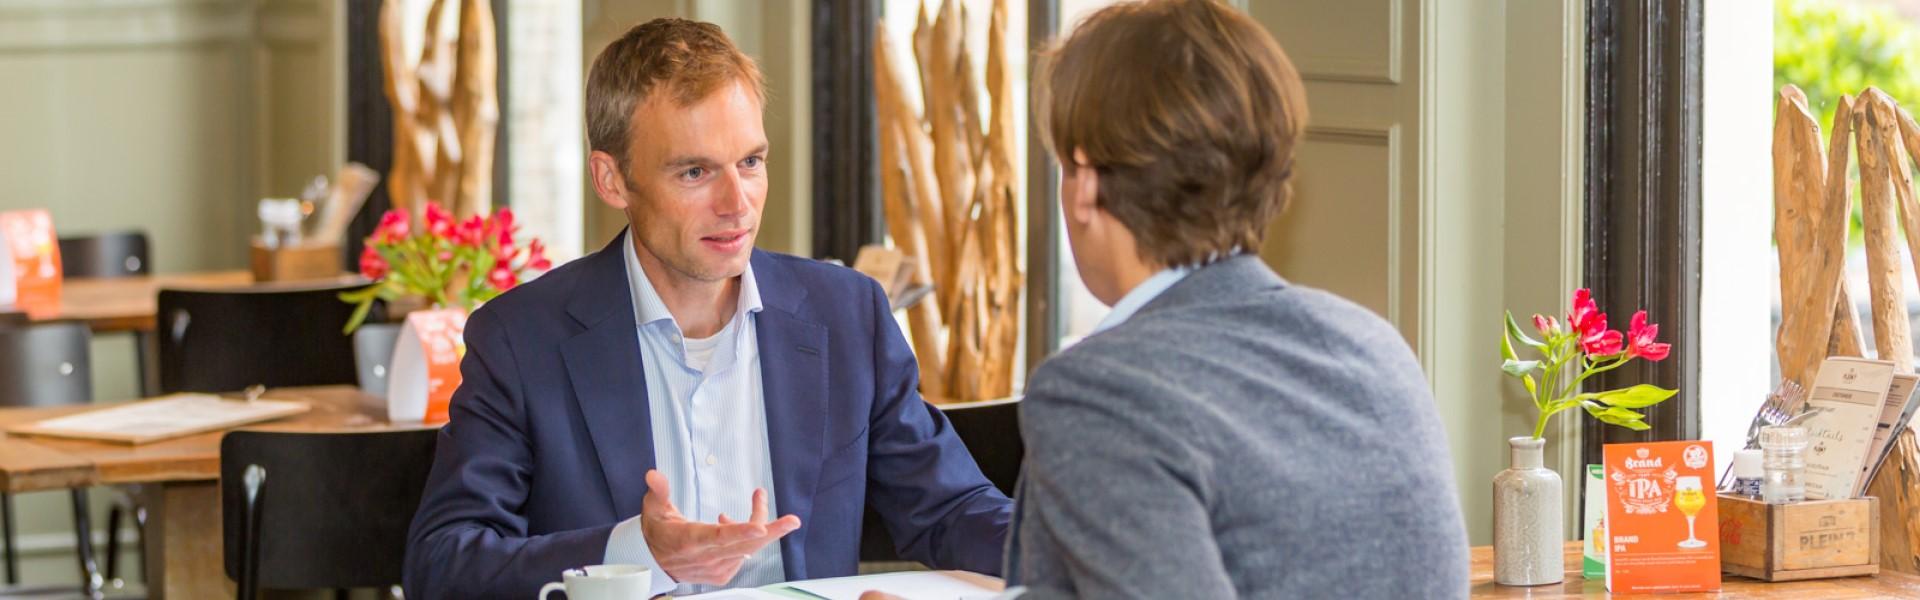 Horeca Maatwerk advocaten en juristen gespecialiseerd in vastgoed- en huurrecht